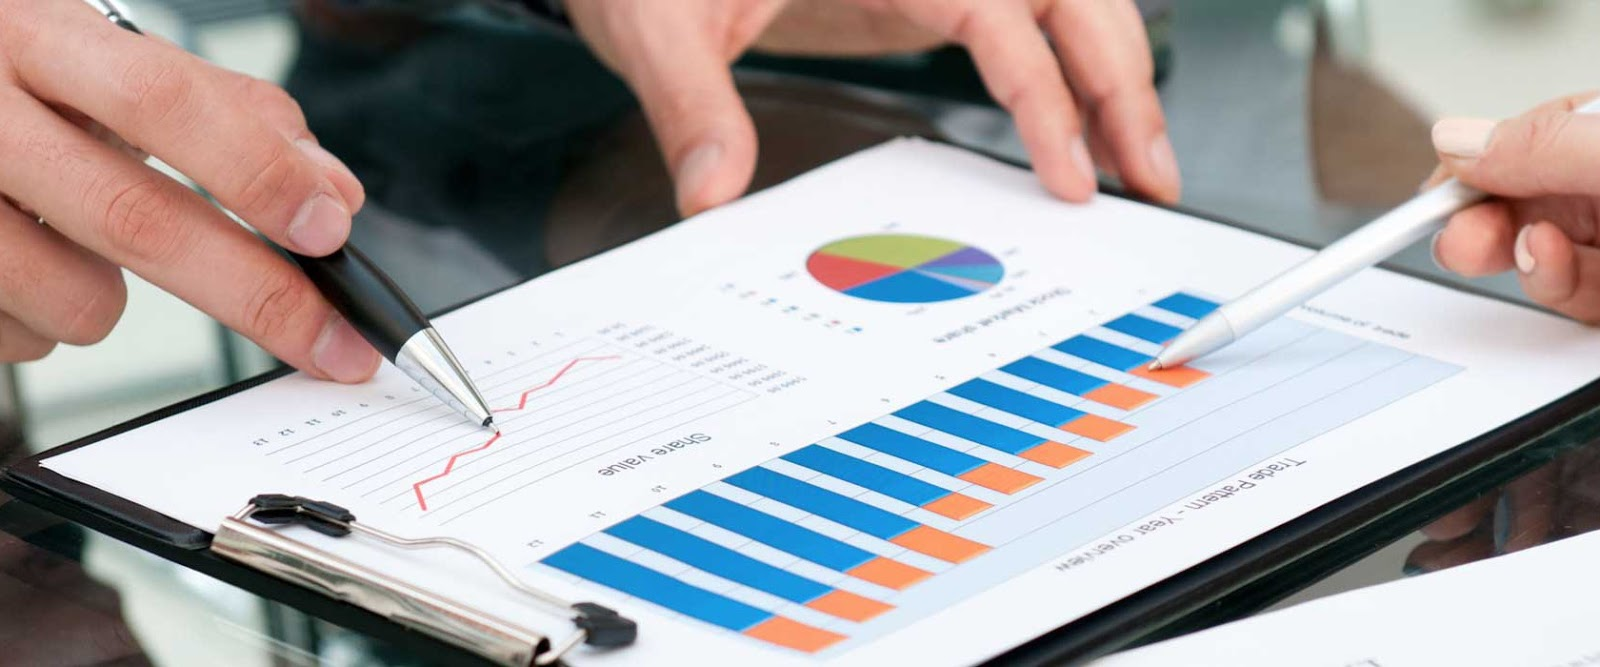 Оценка акций на основе дисконтирования дивидендов